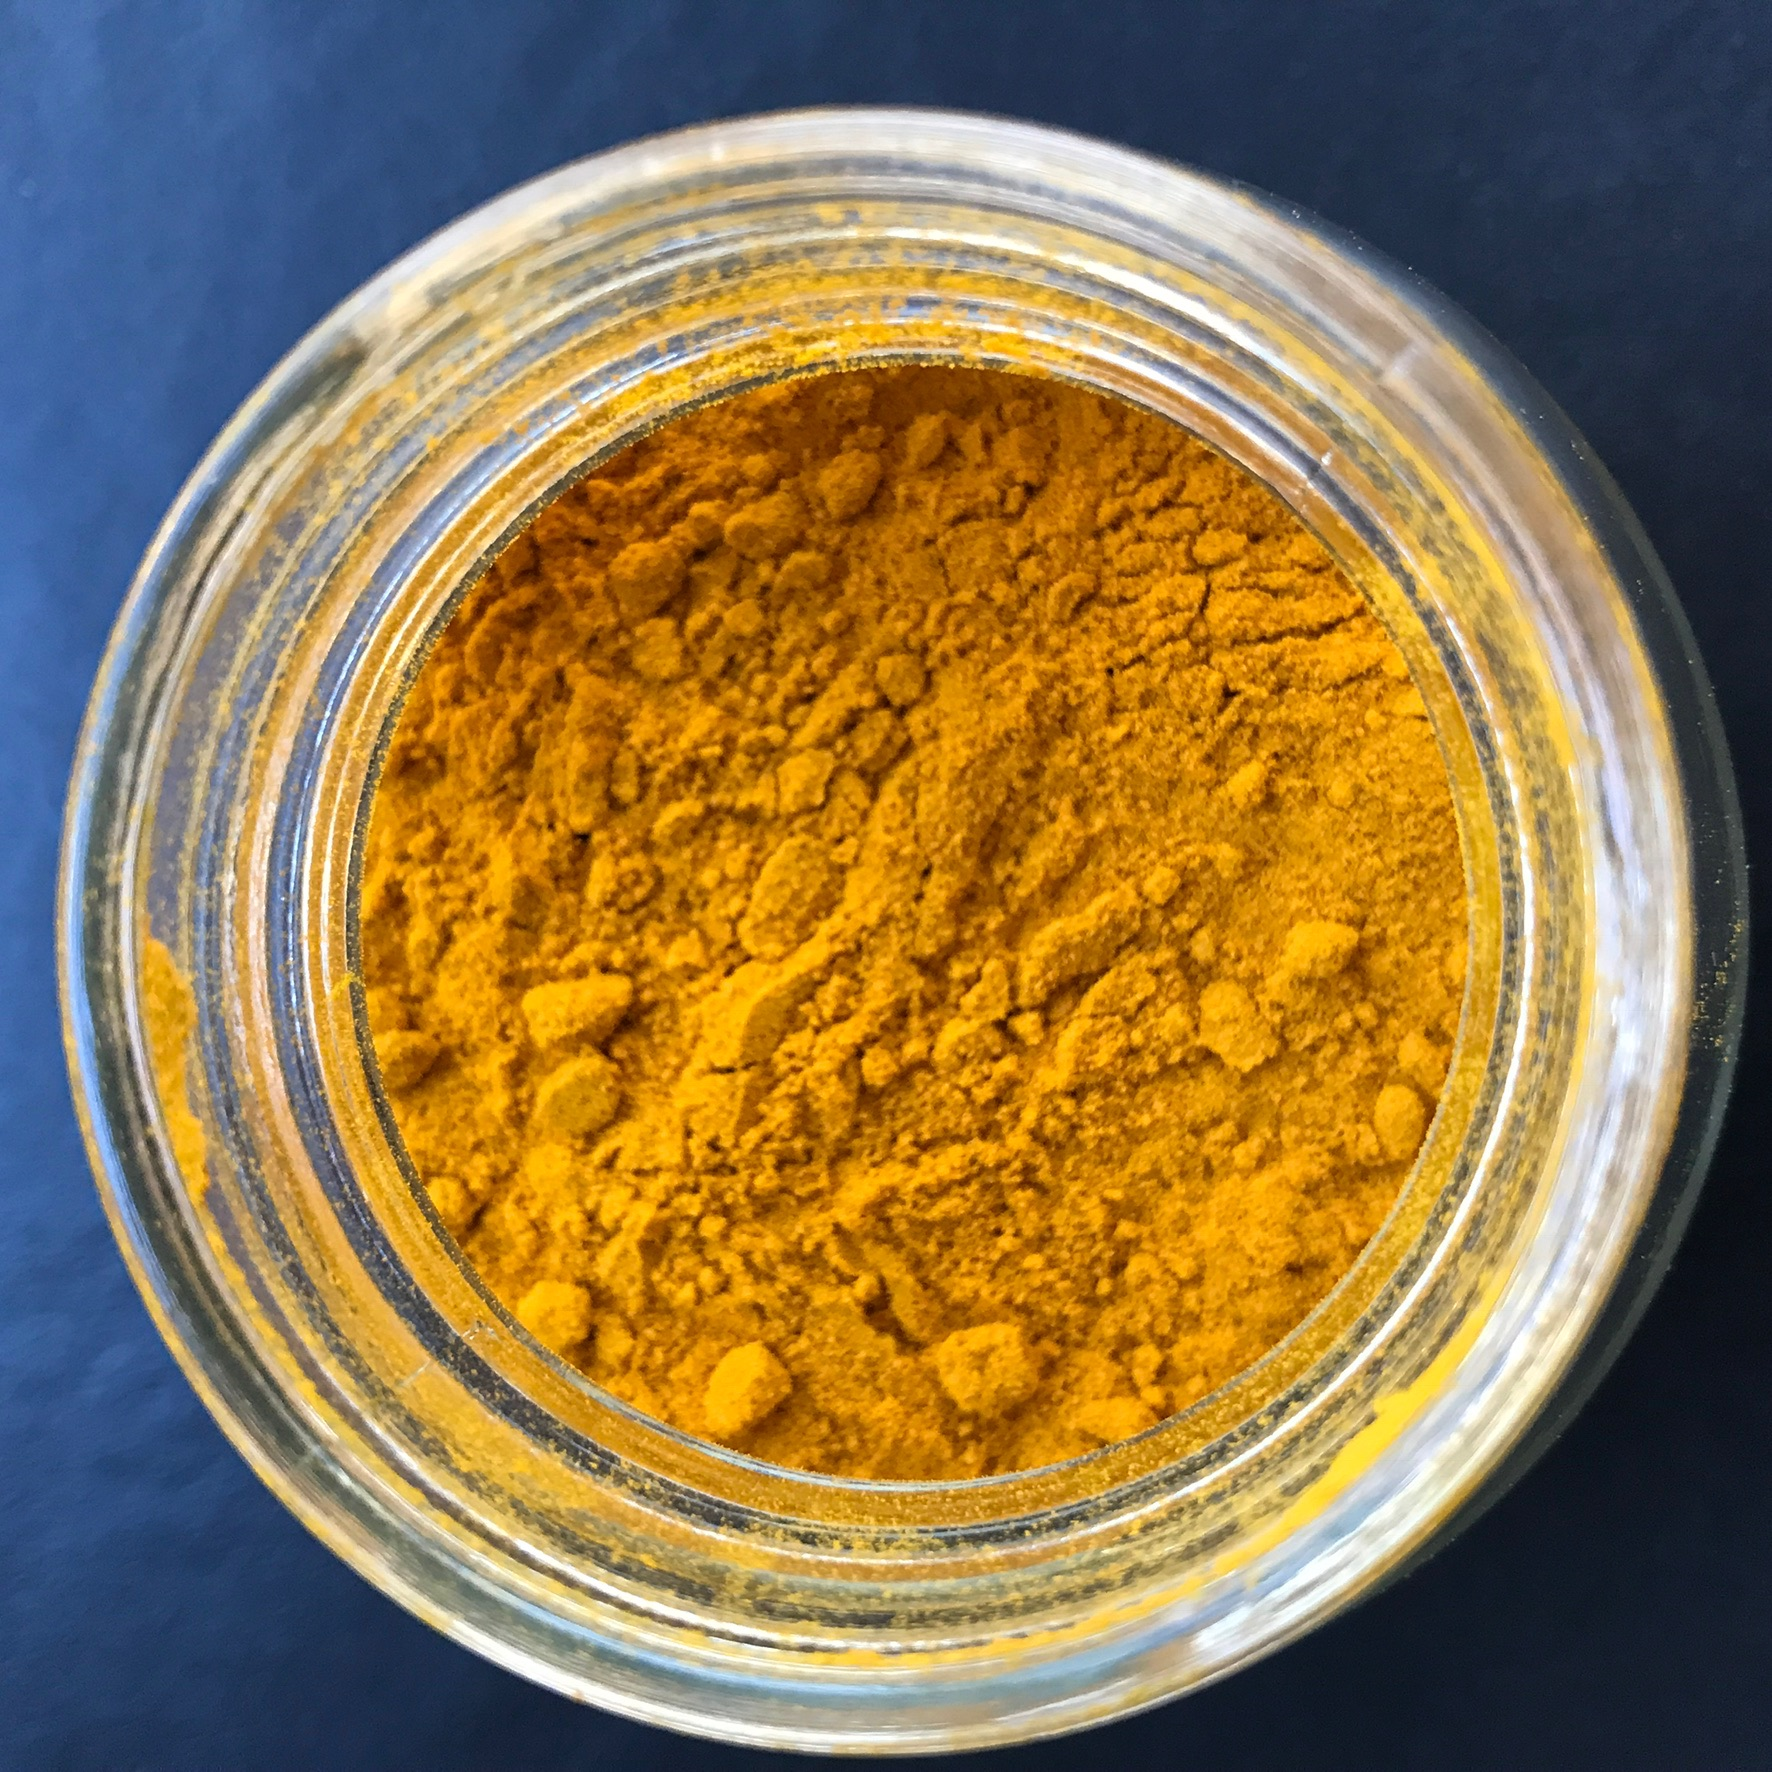 een snufje kurkuma voor de kleur